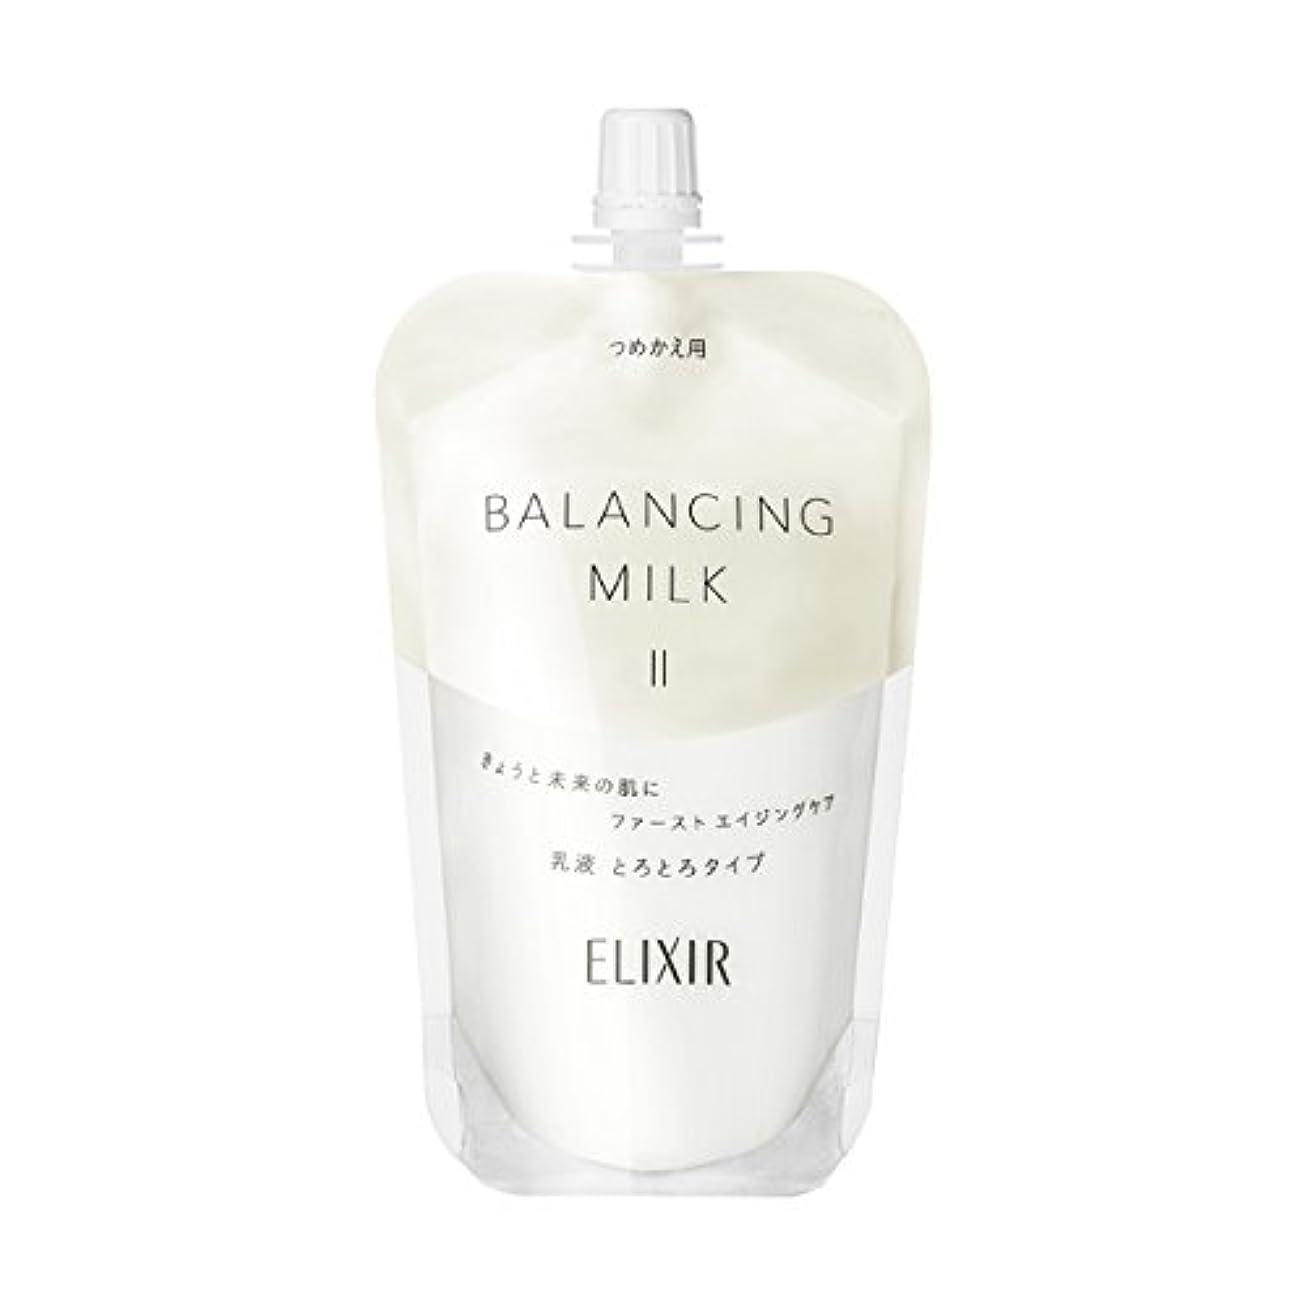 用量雲アレキサンダーグラハムベルエリクシール ルフレ バランシング ミルク 乳液 2 (とろとろタイプ) (つめかえ用) 110mL